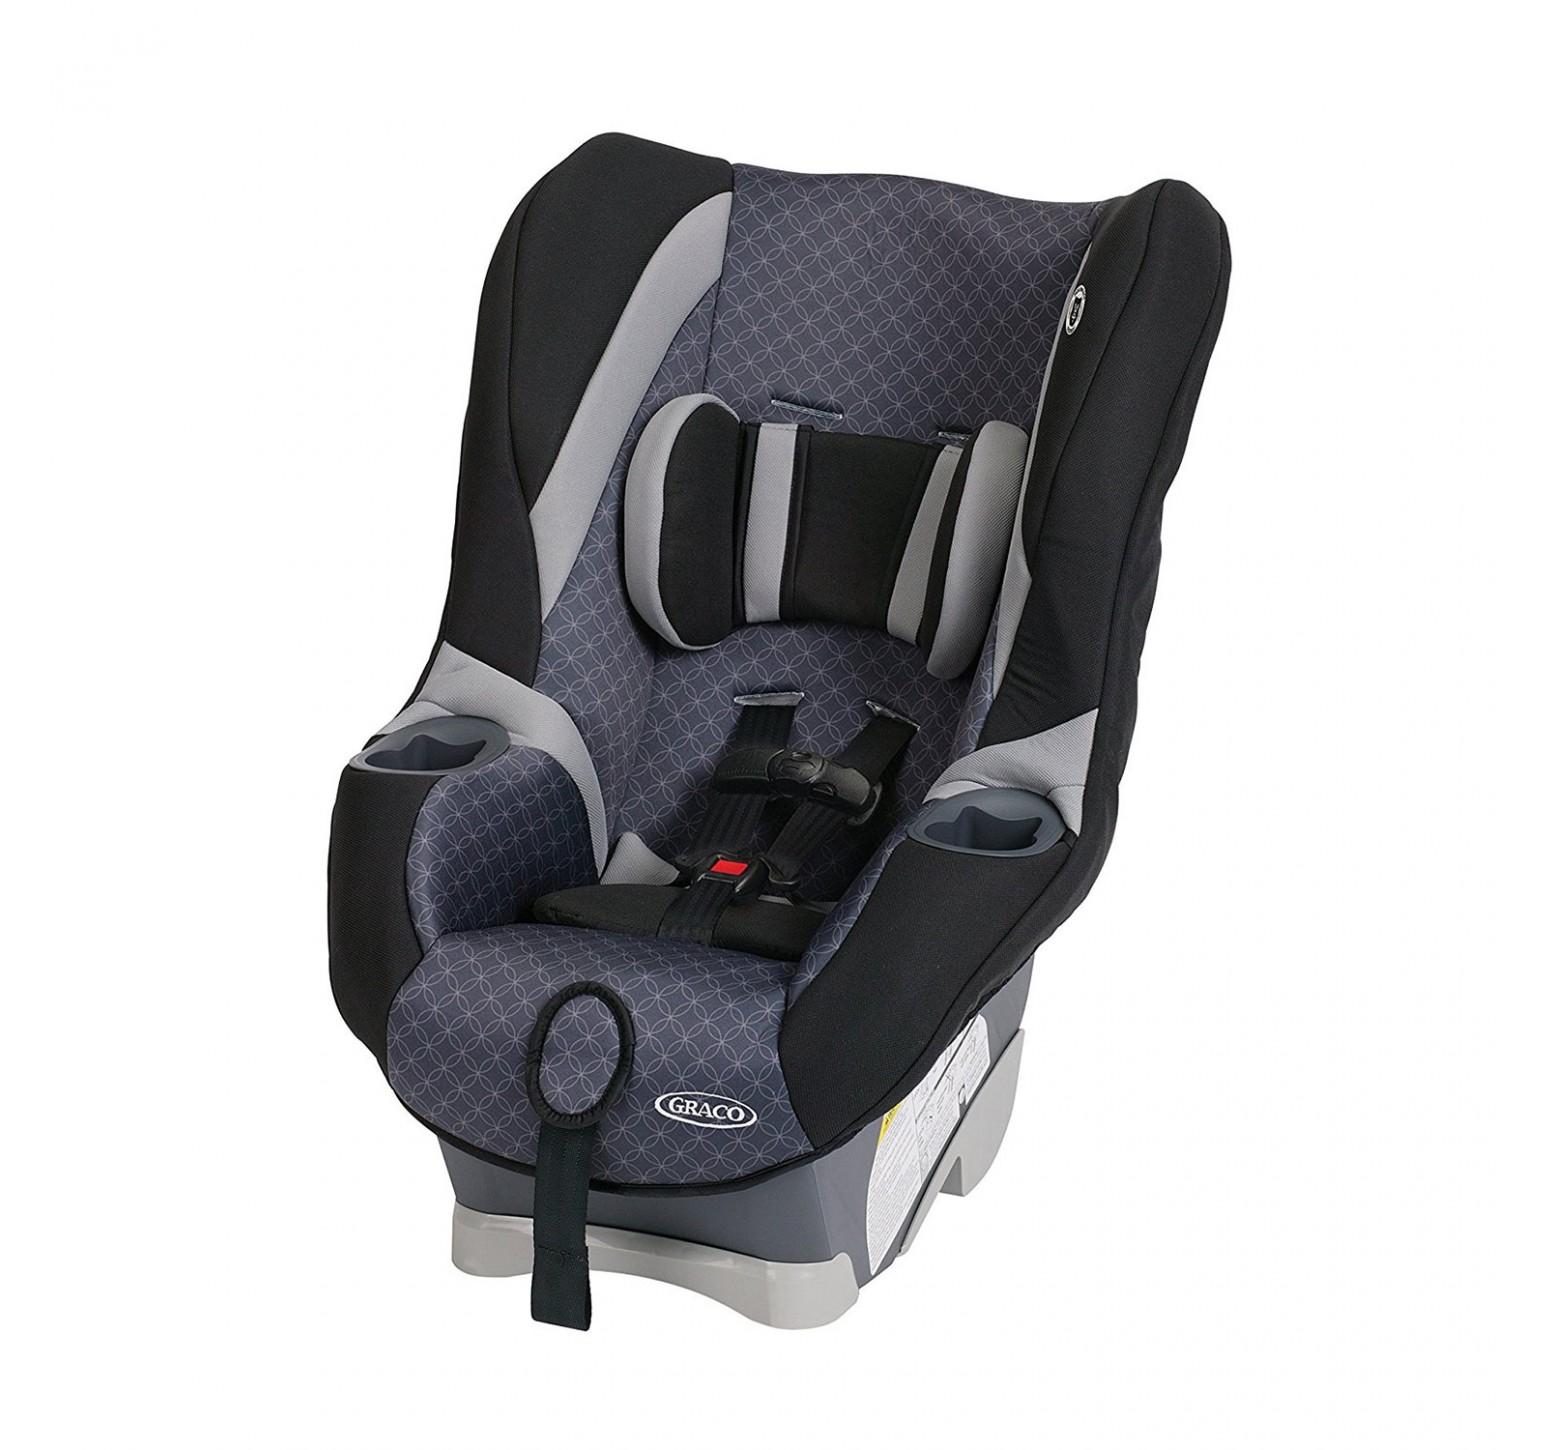 Beb Graco silla para auto My Ride LX Coda tienda online